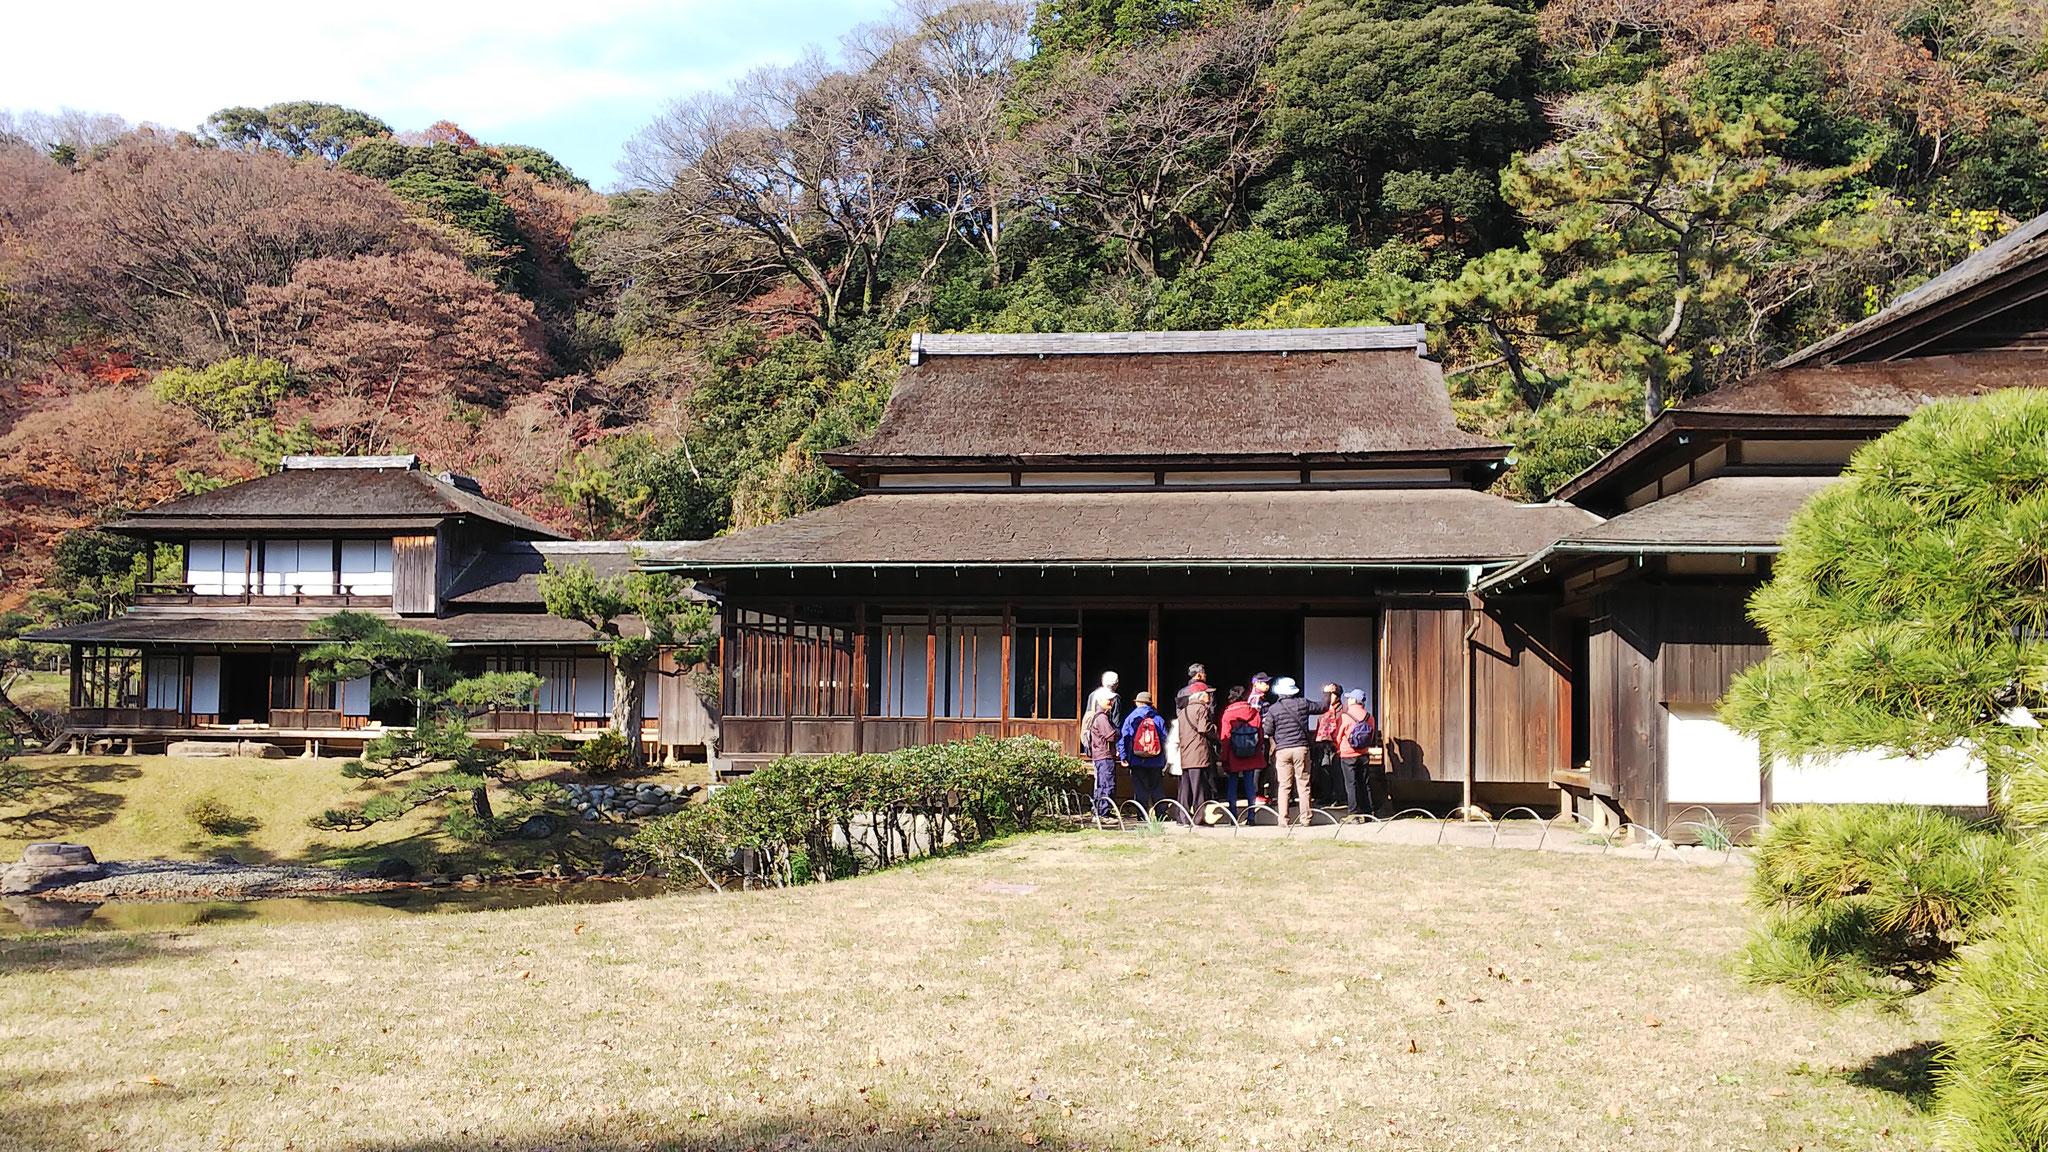 「臨春閣」前のA班 紀州徳川家藩主が紀ノ川沿いに建てた数寄屋風書院造りの別荘建築